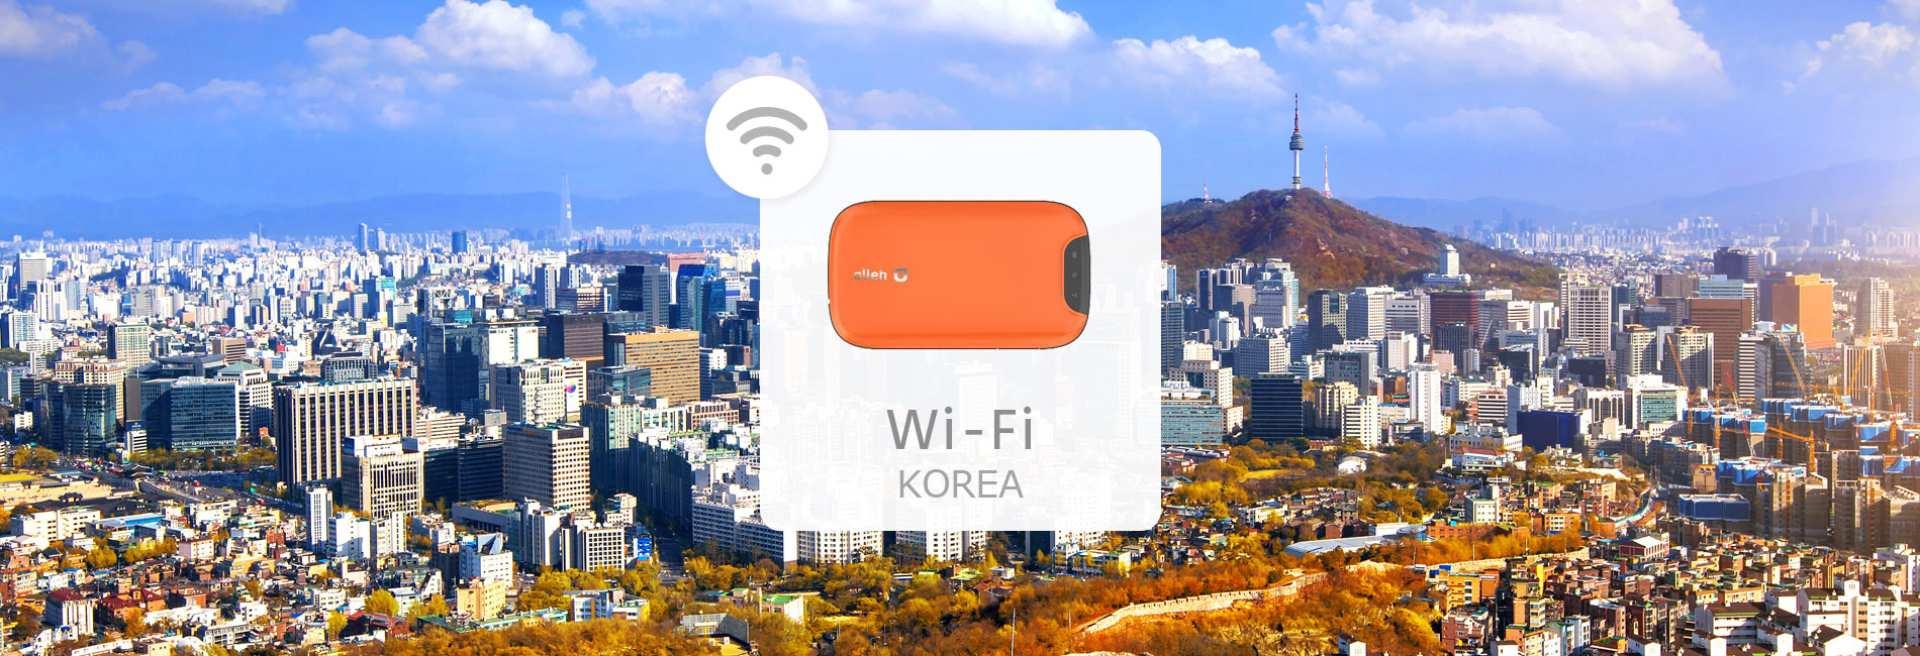 【韓国】KT Olleh 4GポケットWi-Fiレンタル:インターネット使い放題(韓国各空港受取)